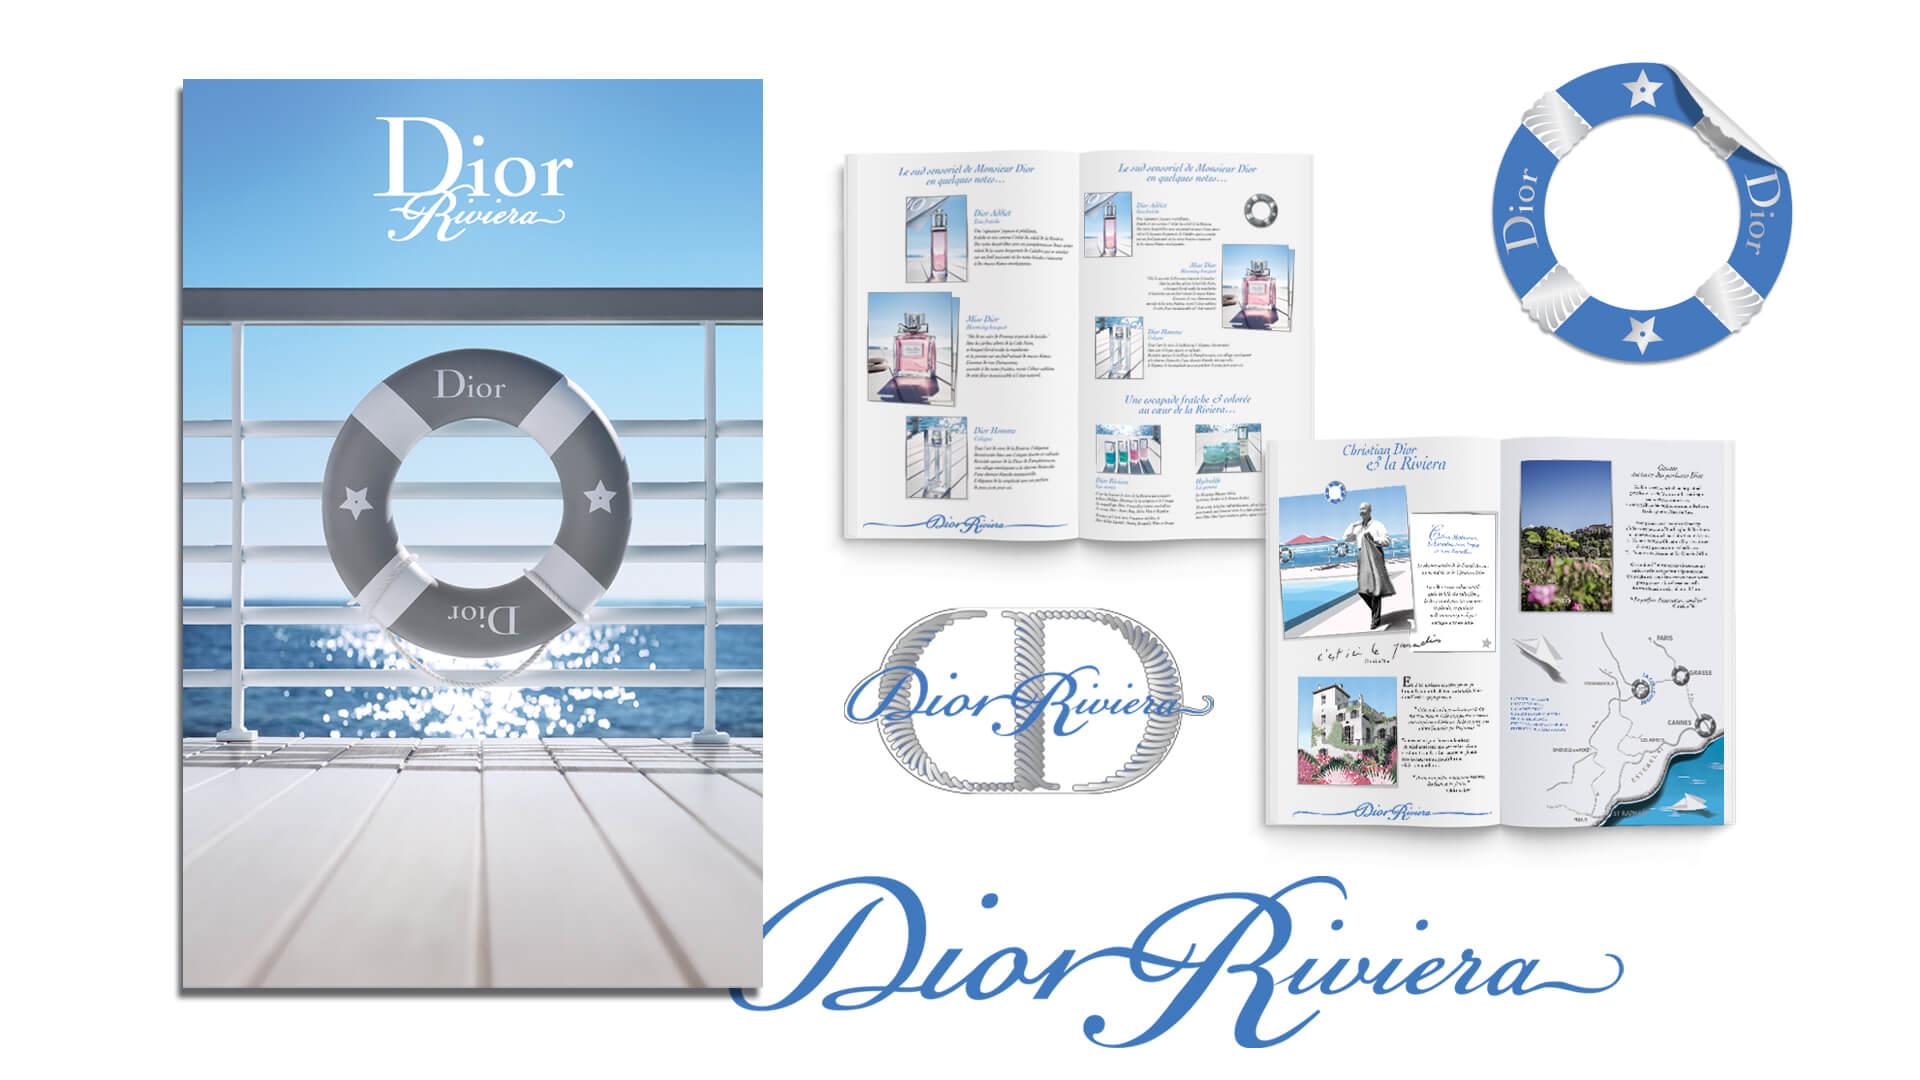 Dior Summer Riviera 3